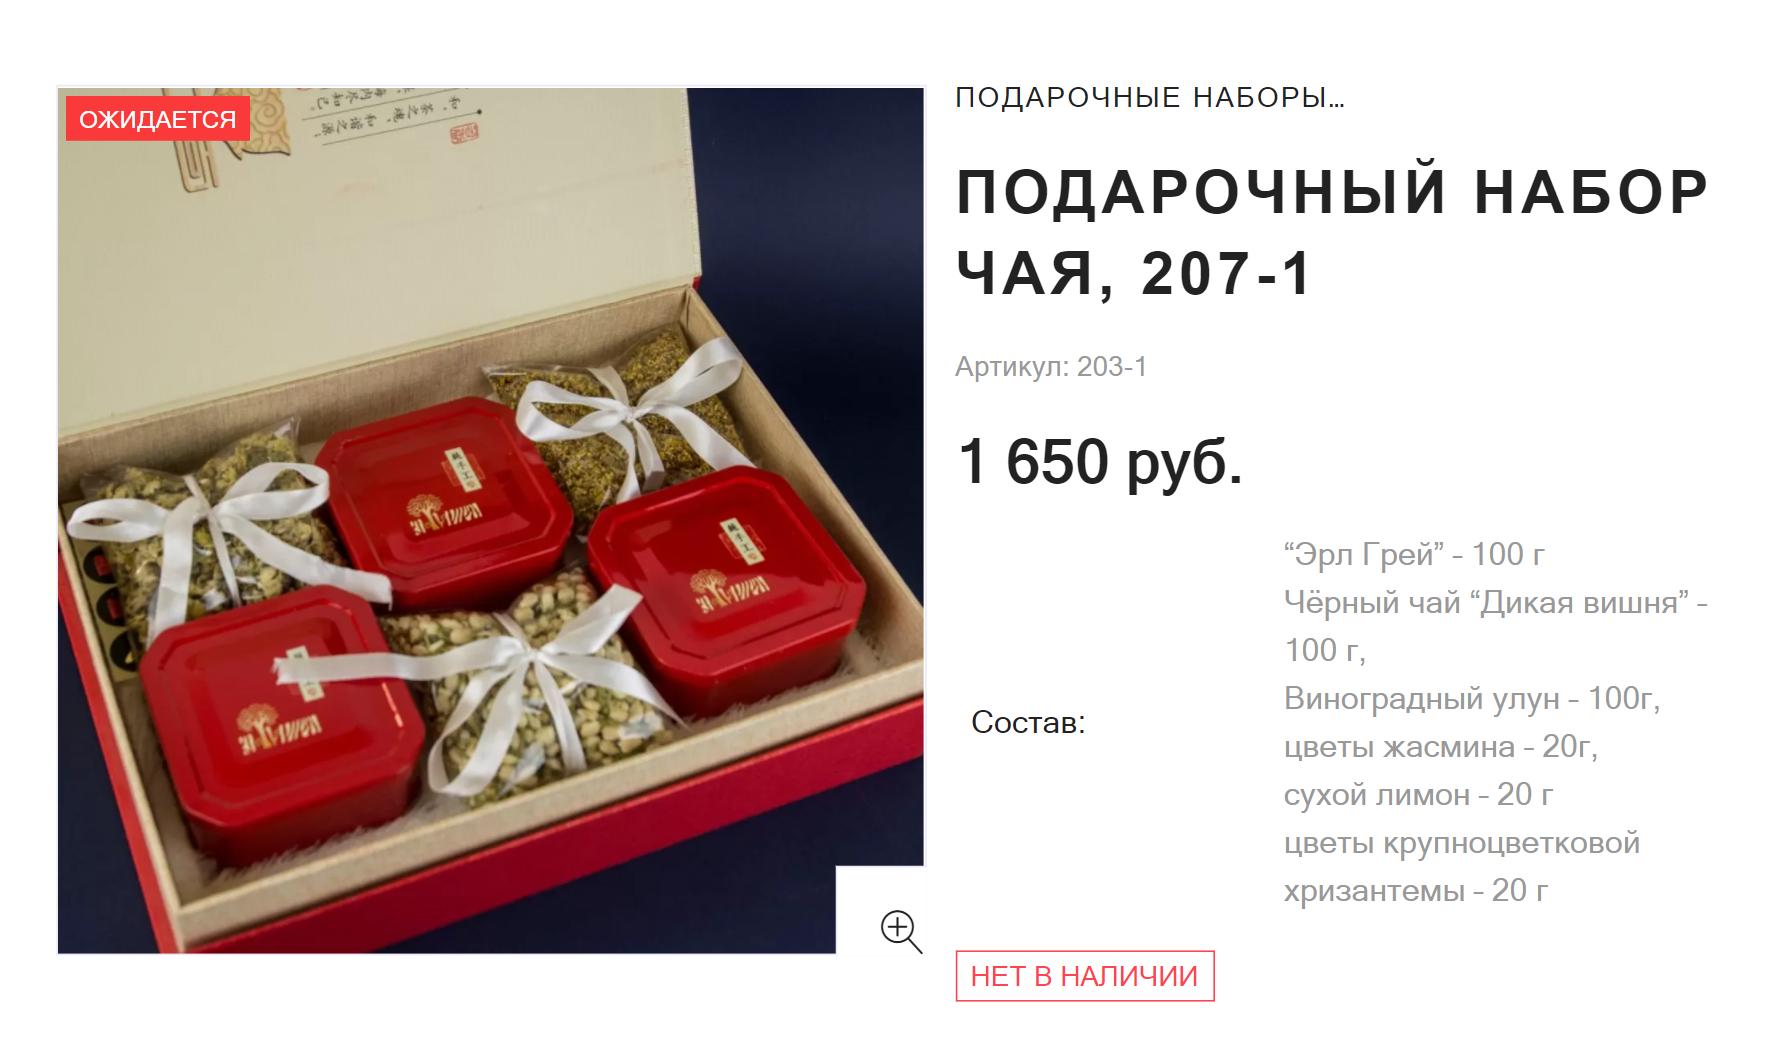 Такая упаковка вызывает подозрение. Источник: aromatchaya.ru